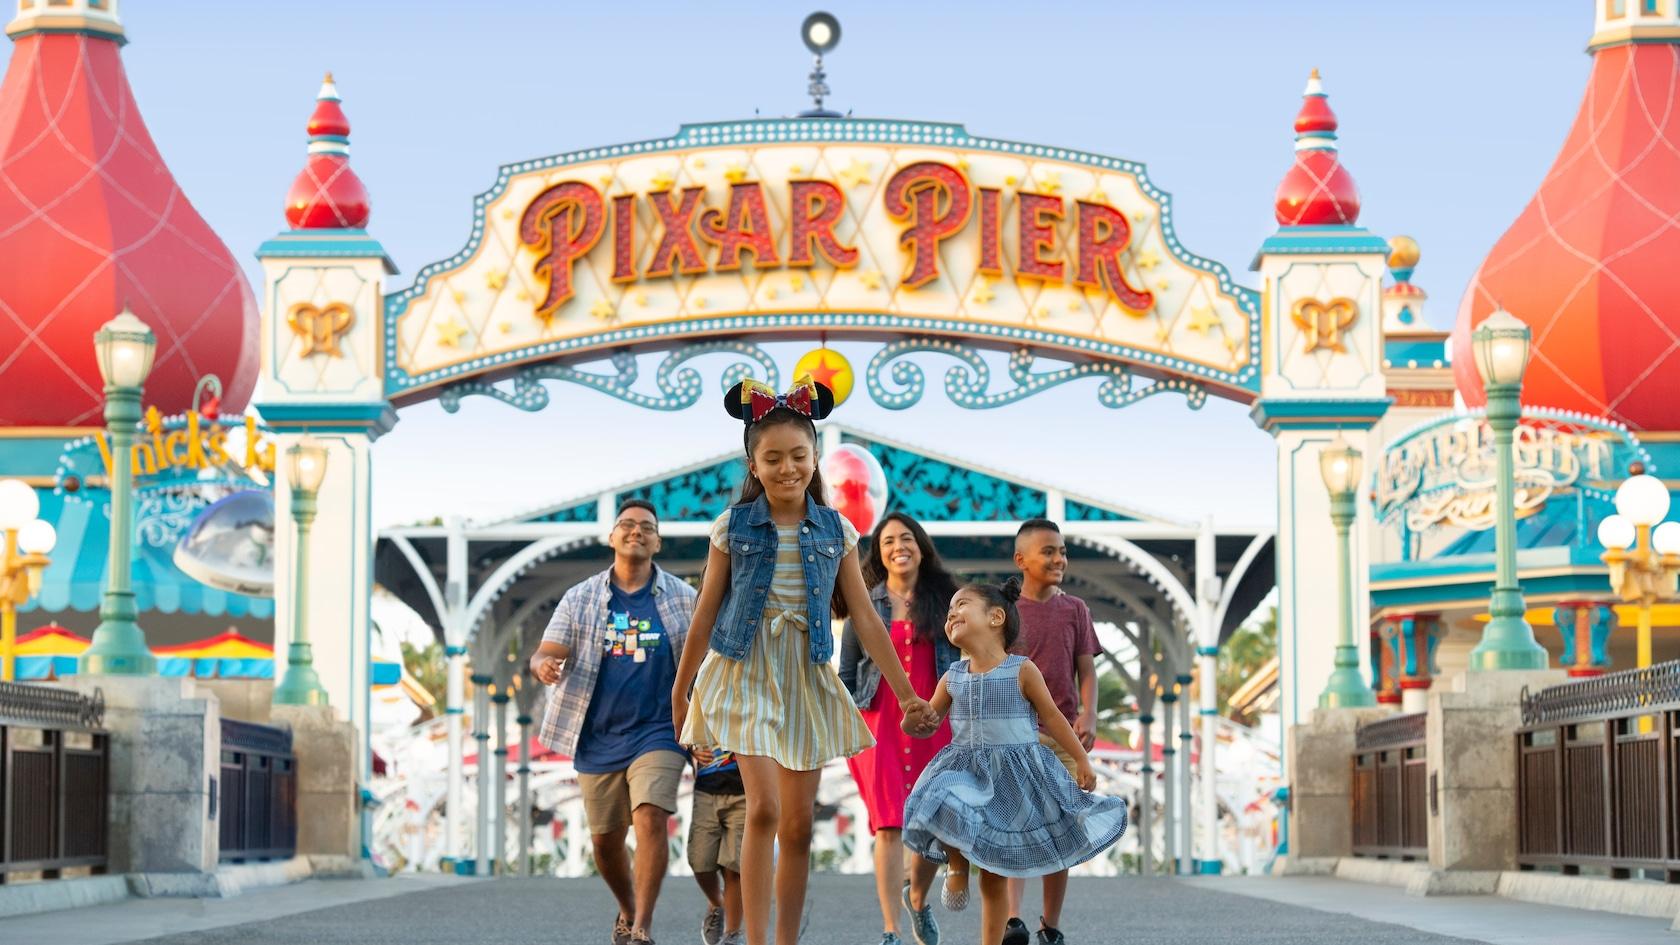 One family walking on Pixar Pier at Disneyland